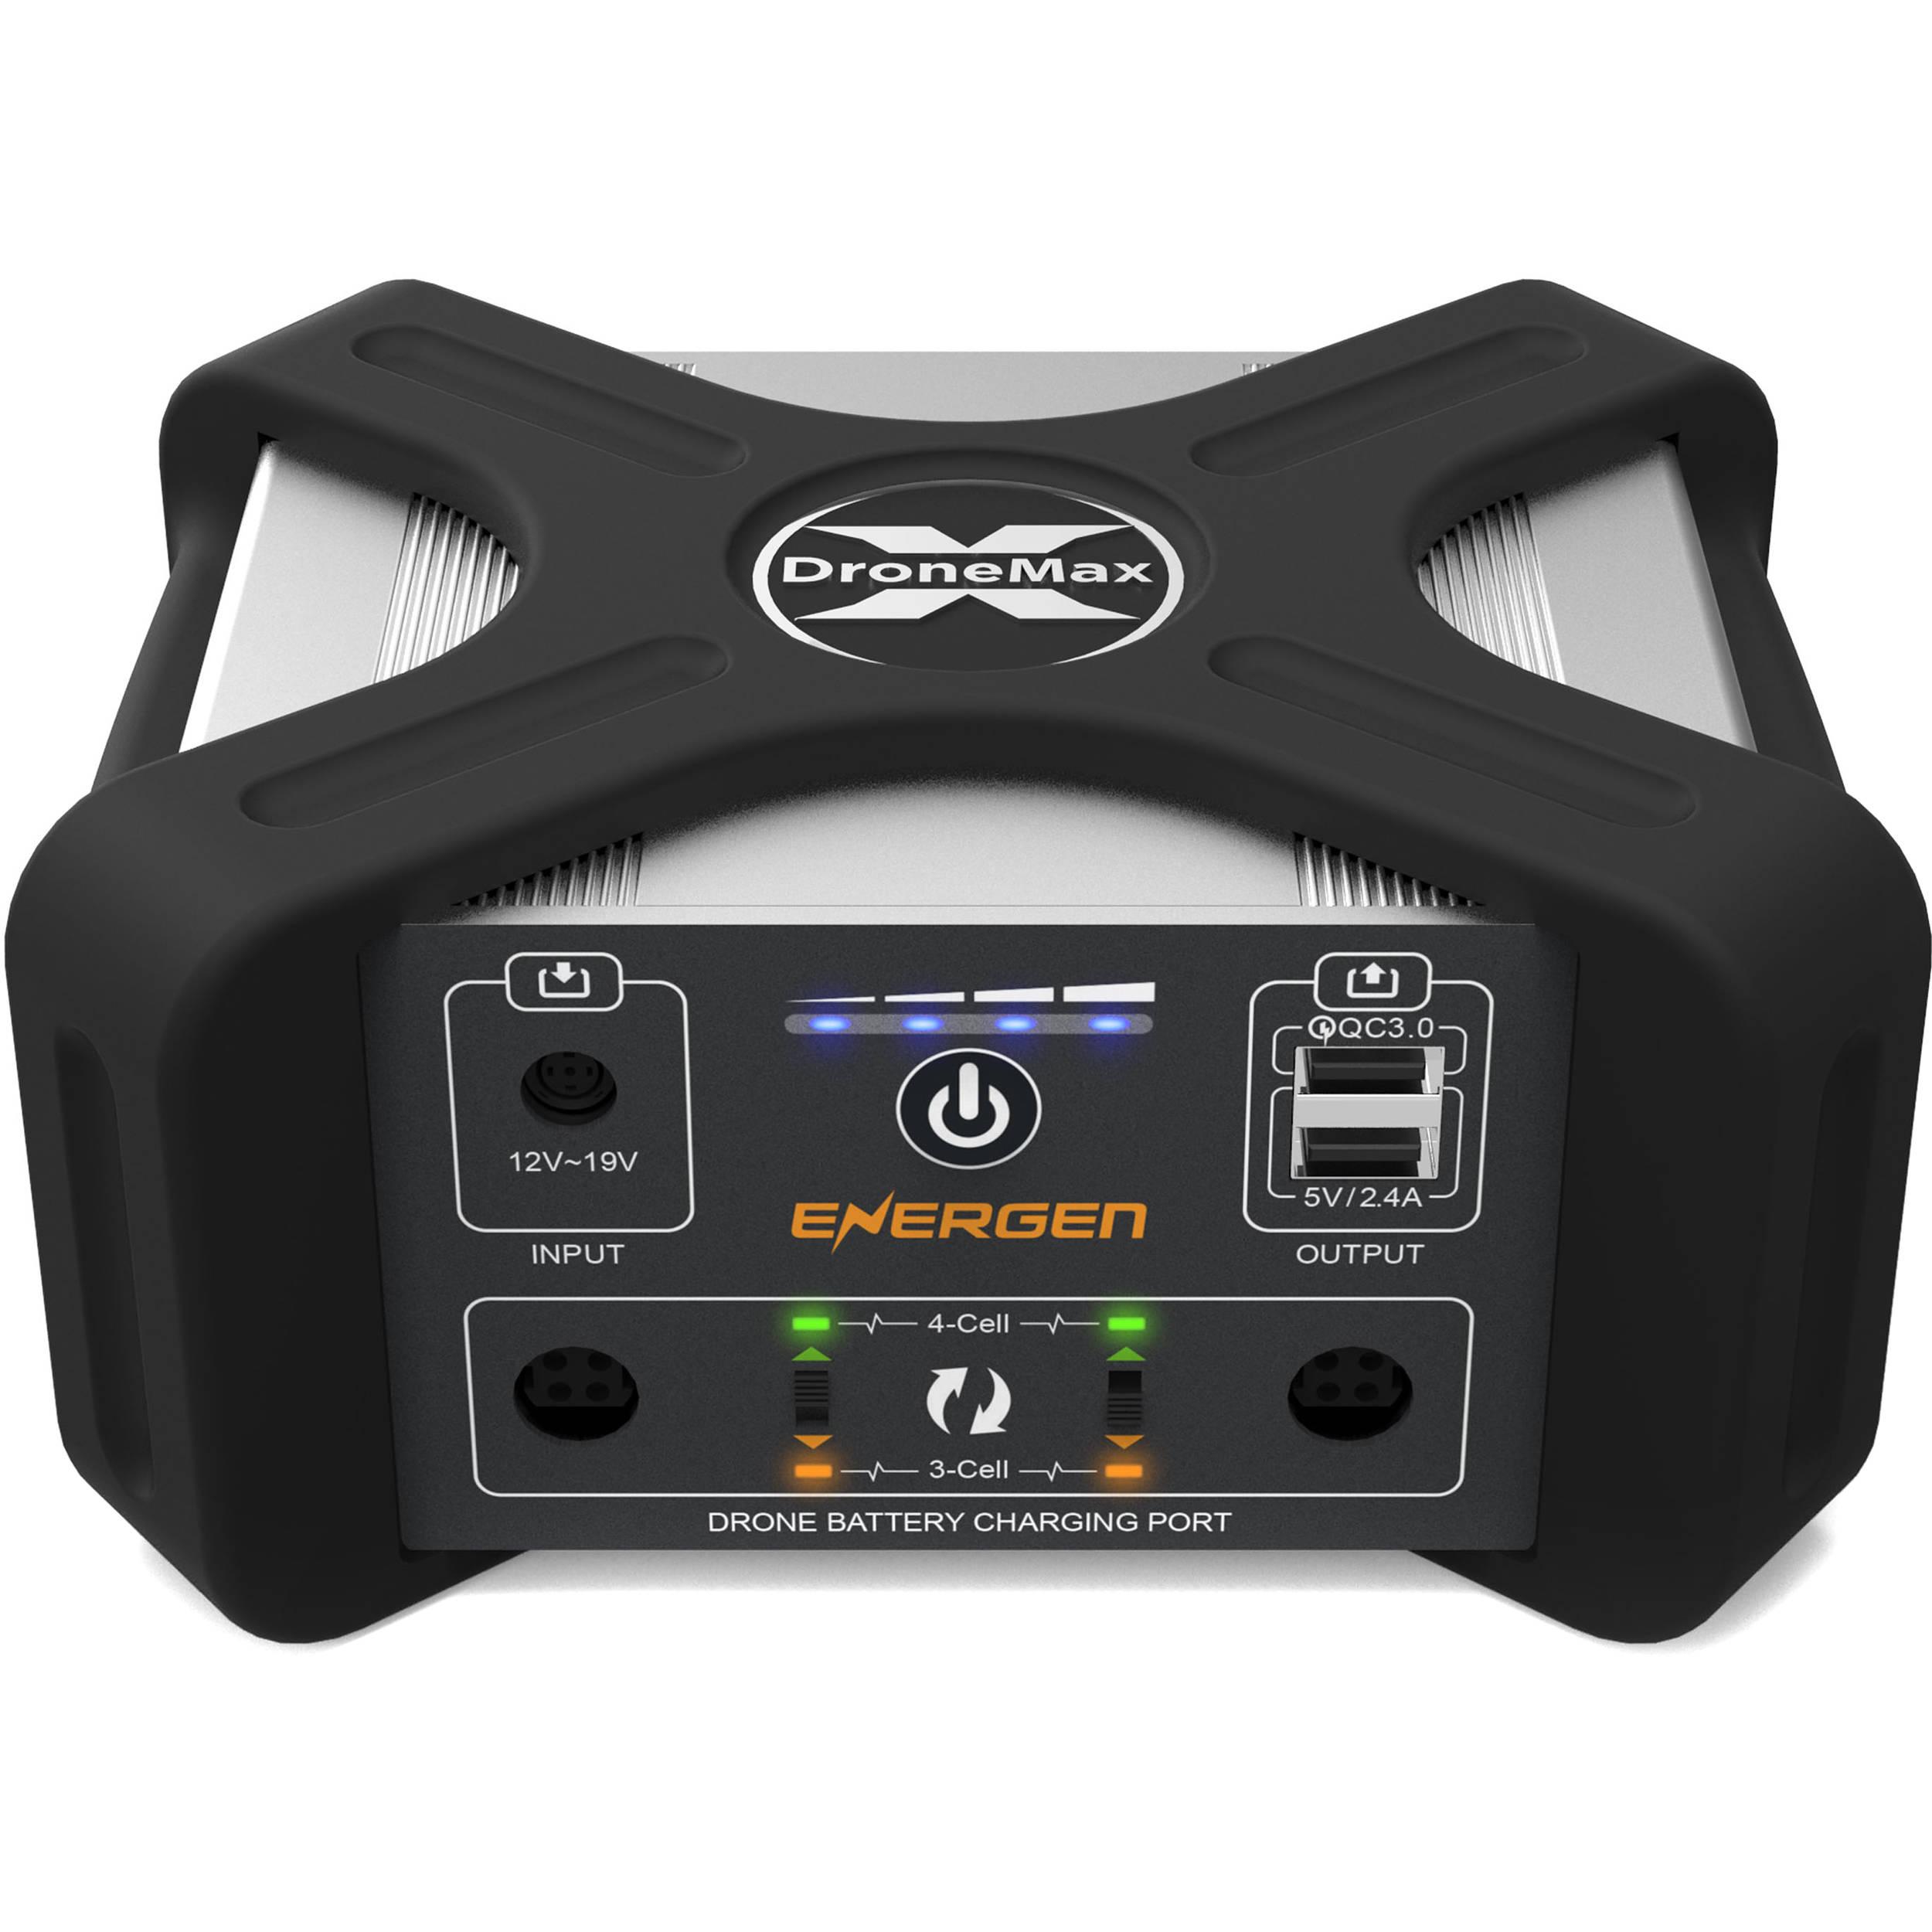 Https C Product 1405701 Reg Mercury Battery Replacement For Antique Instruments Energen En Dm A20 Dronemax Portable Charging 1408404